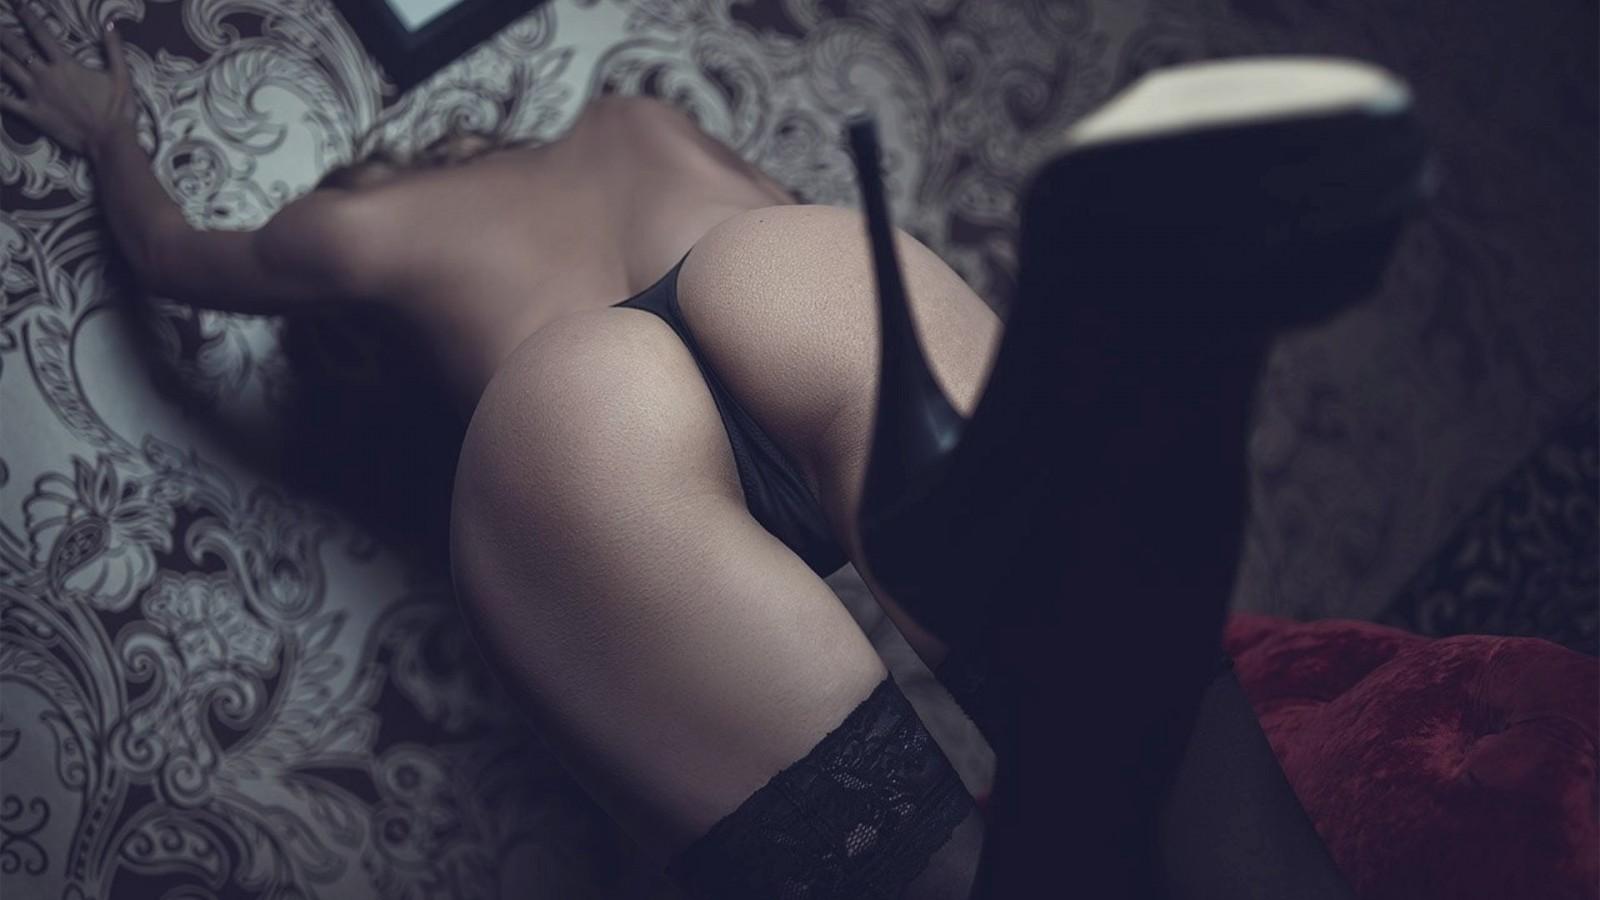 u-kazhdoy-prostitutki